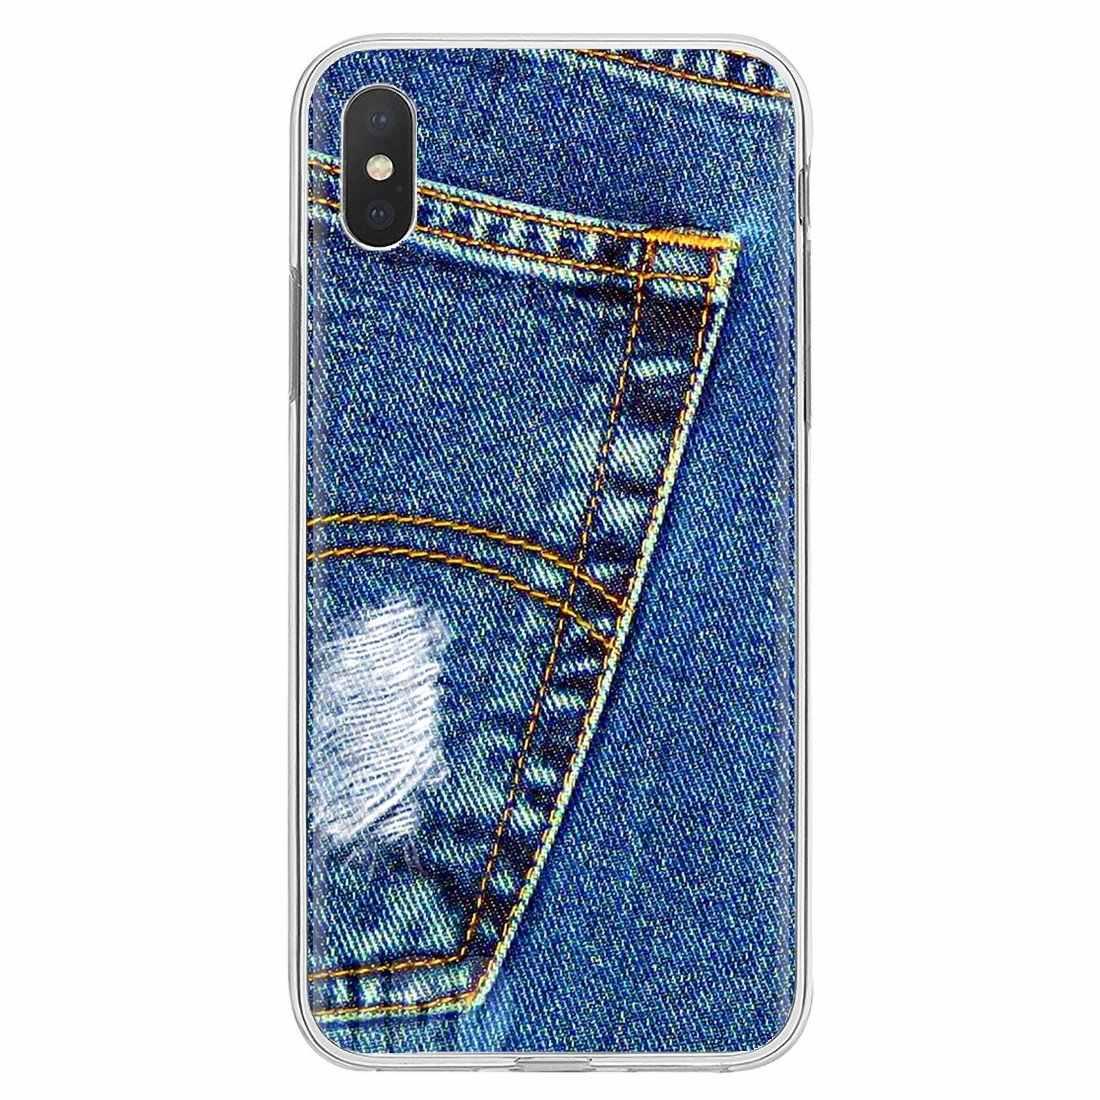 Jean Cowboy Denim imprimé style coque en Silicone couverture pour Samsung Galaxy Note 2 3 4 5 8 9 S2 S3 S4 S5 Mini S6 S7 bord S8 S9 Plus